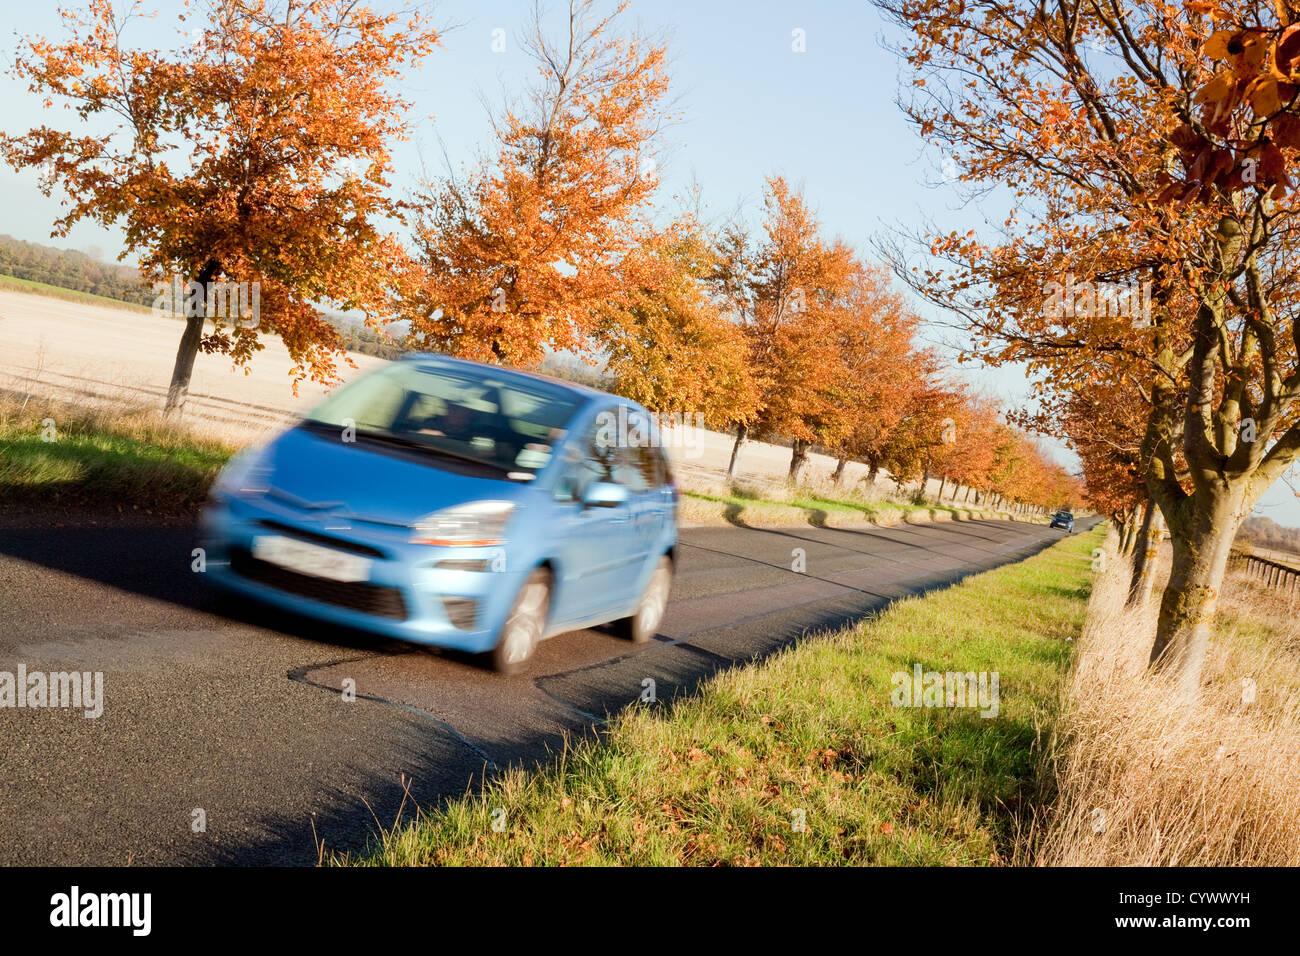 Un auto blu la guida su strade di campagna le strade in autunno, Cambridgeshire Regno Unito Immagini Stock